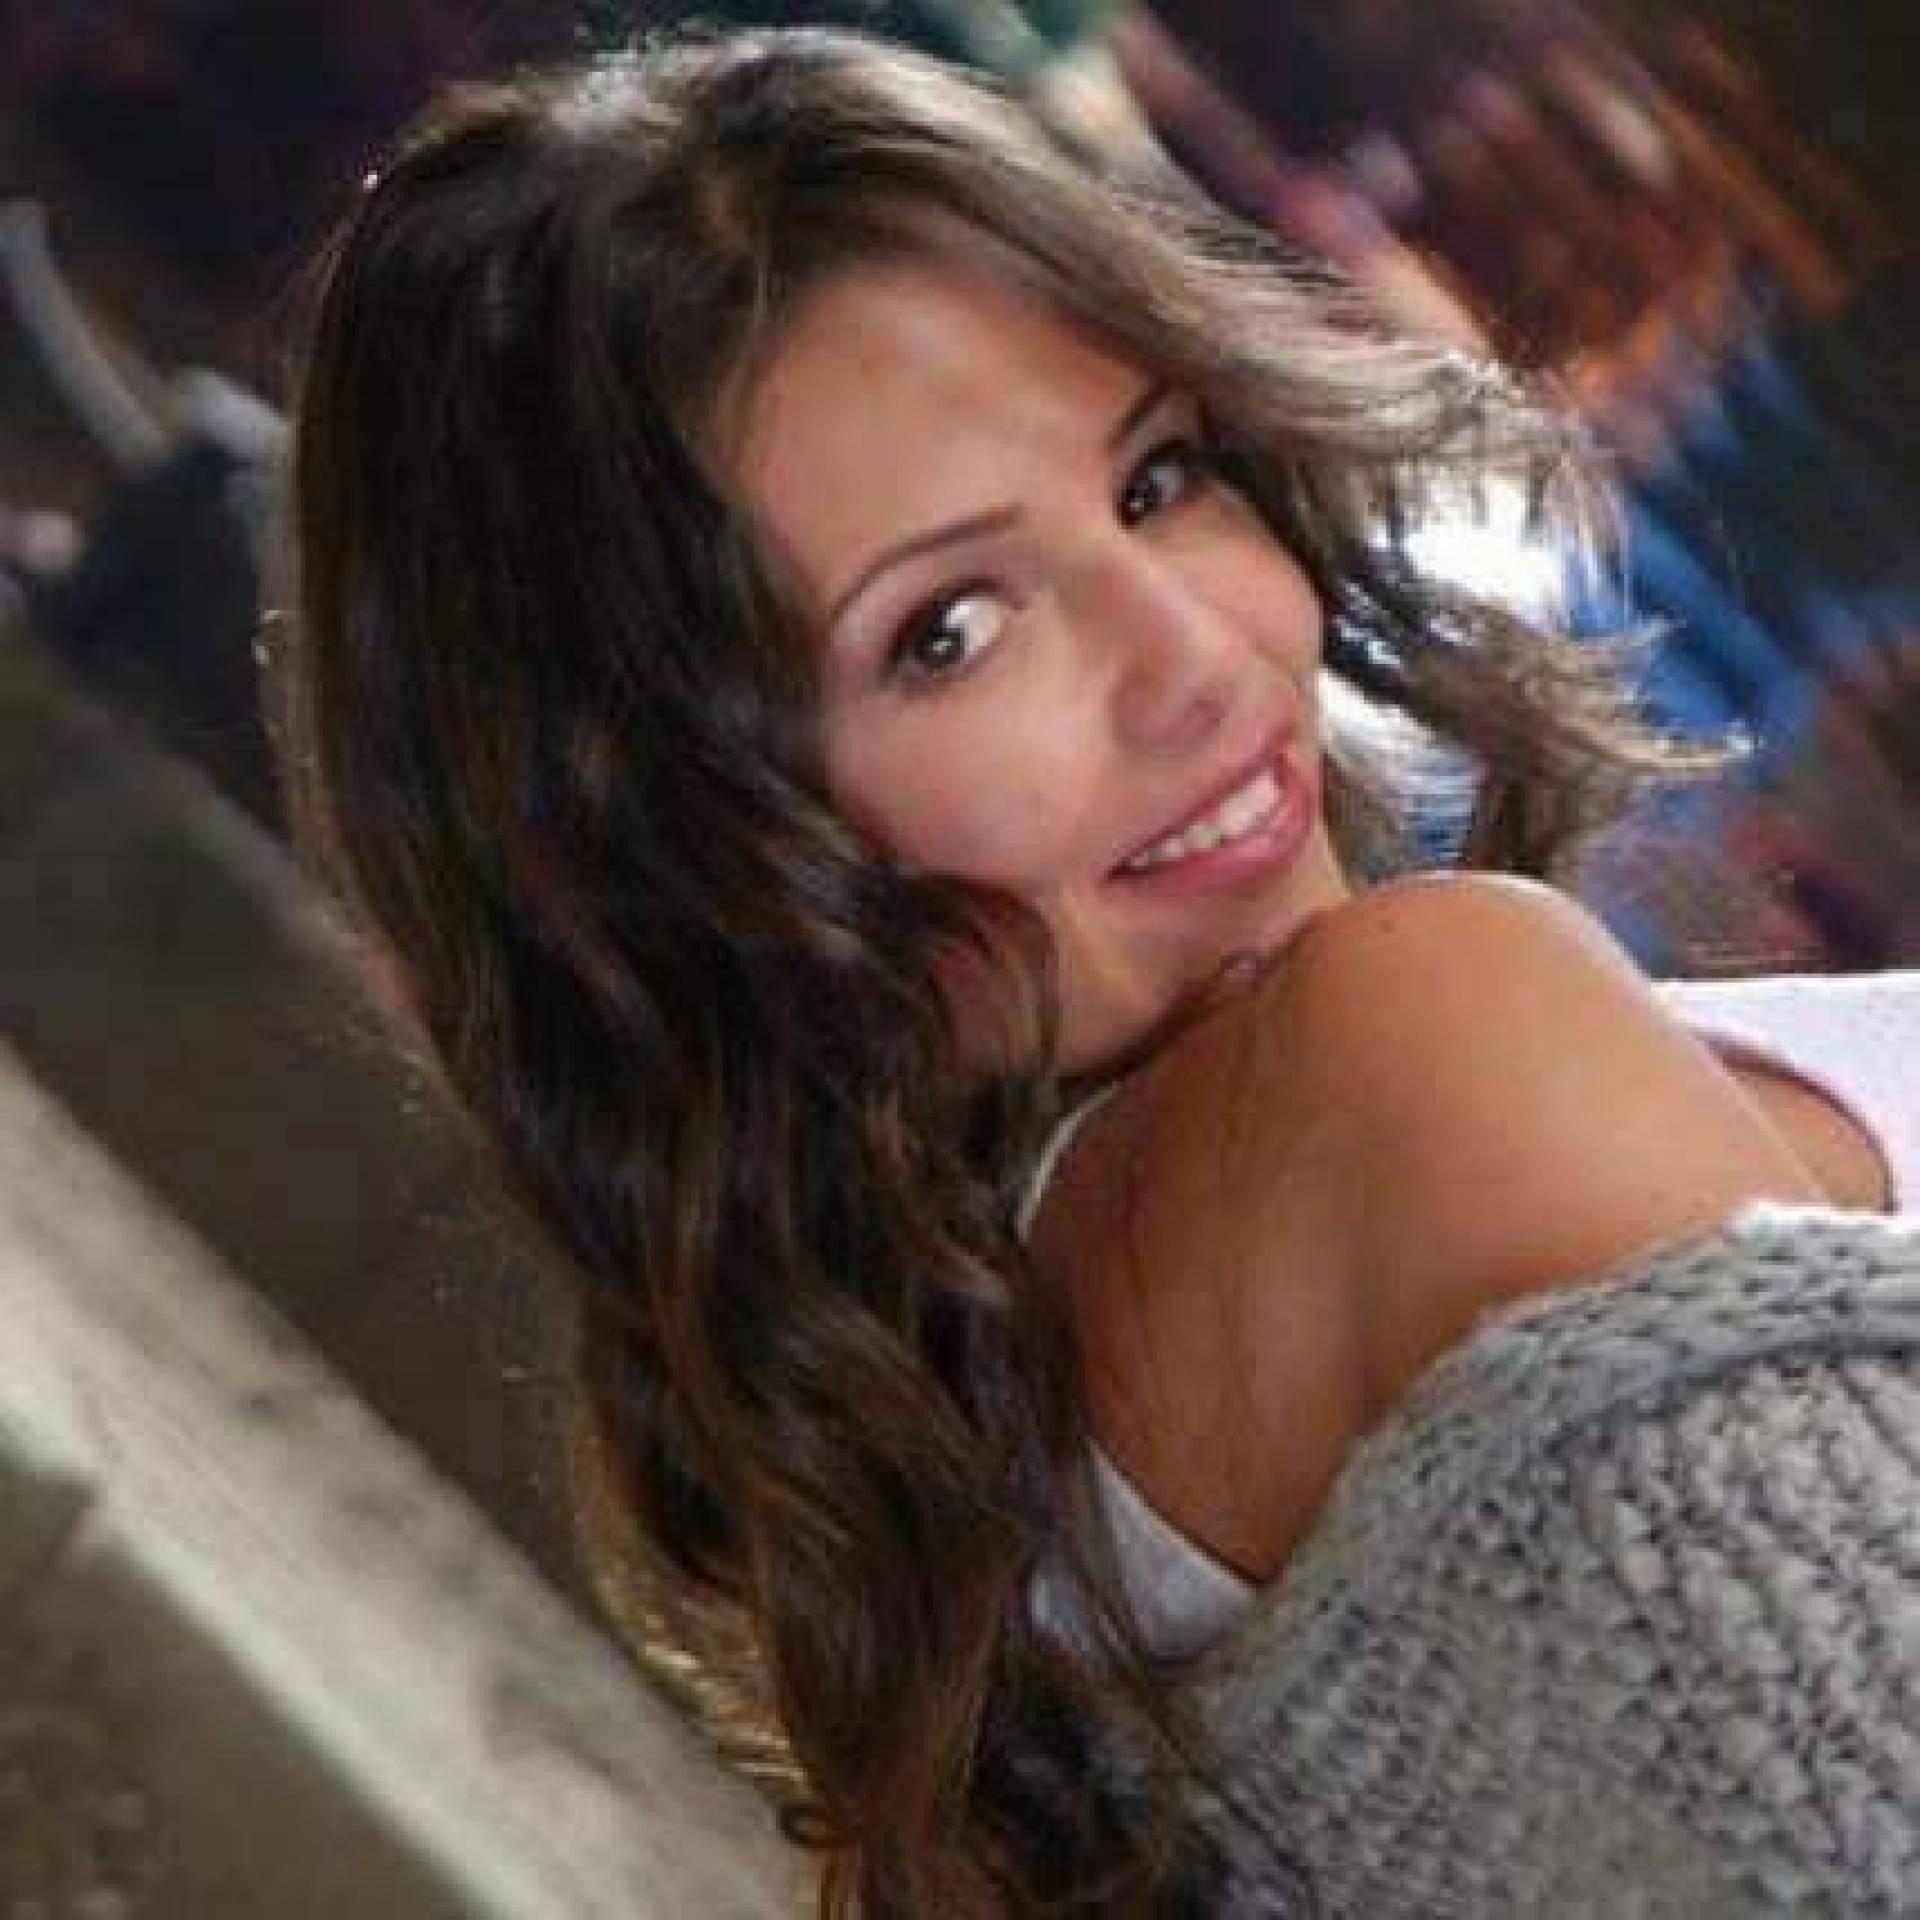 وفاة ممثلة مصرية شابة بأزمة قلبية